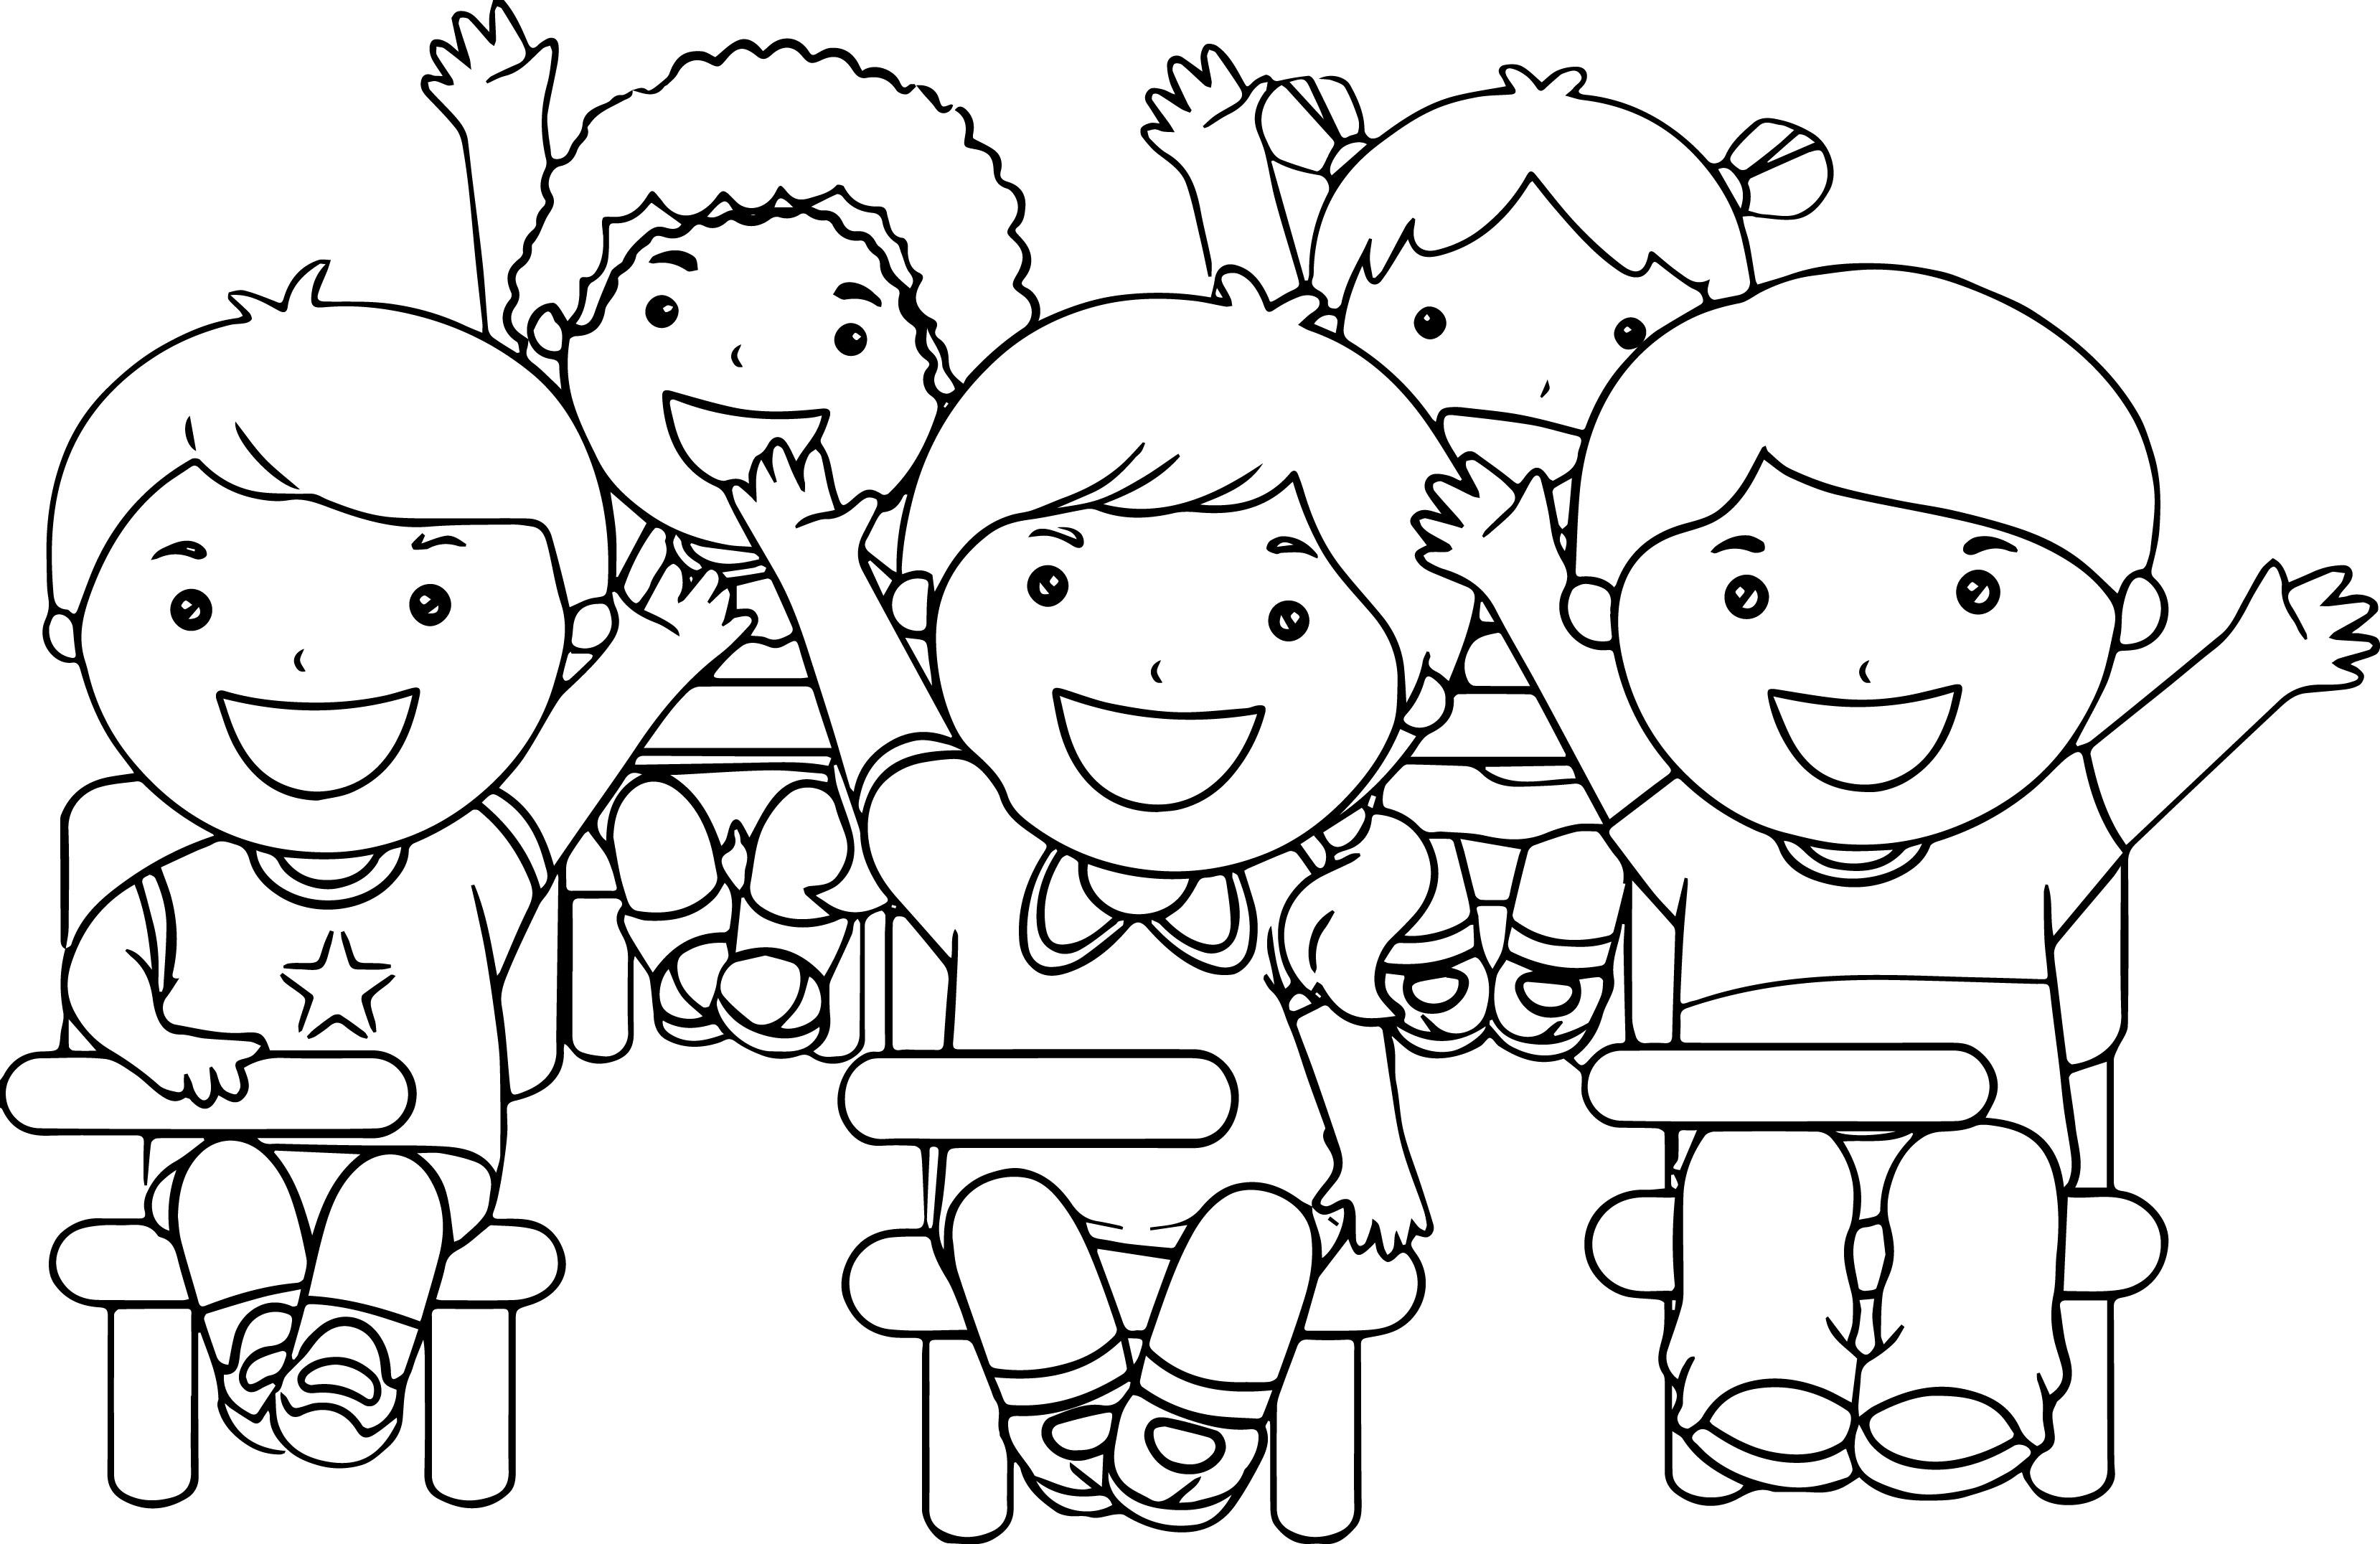 School Kid Drawing At Getdrawings